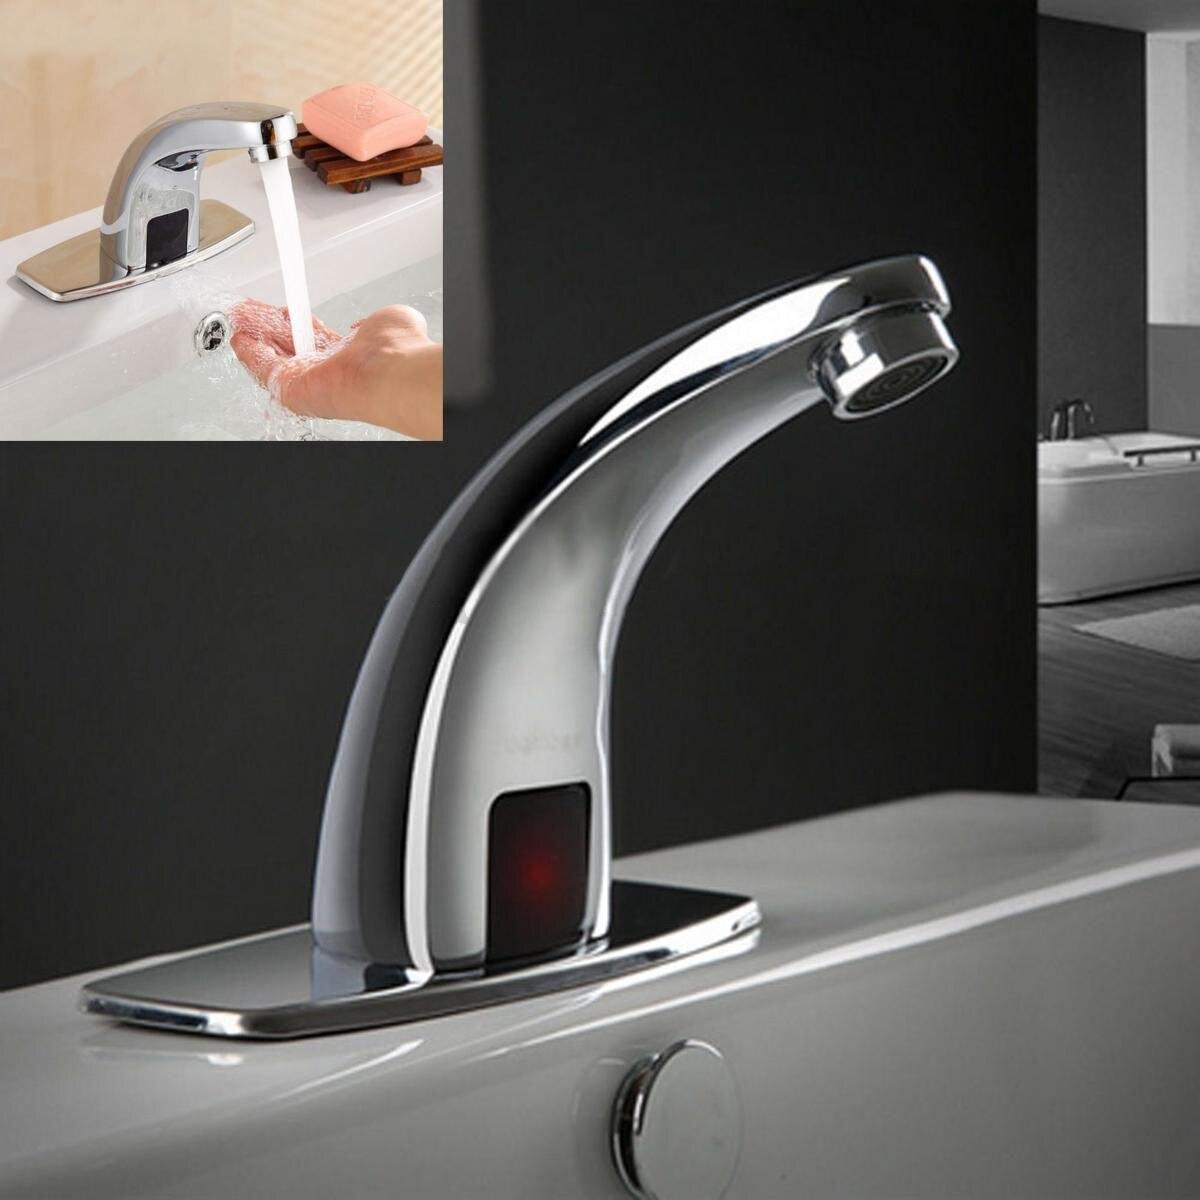 Высокое качество Ванная комната автоматический смеситель G1/2 Сенсор раковина Кухня воды Смесители Хромированный полированной mayitr Фирменн...